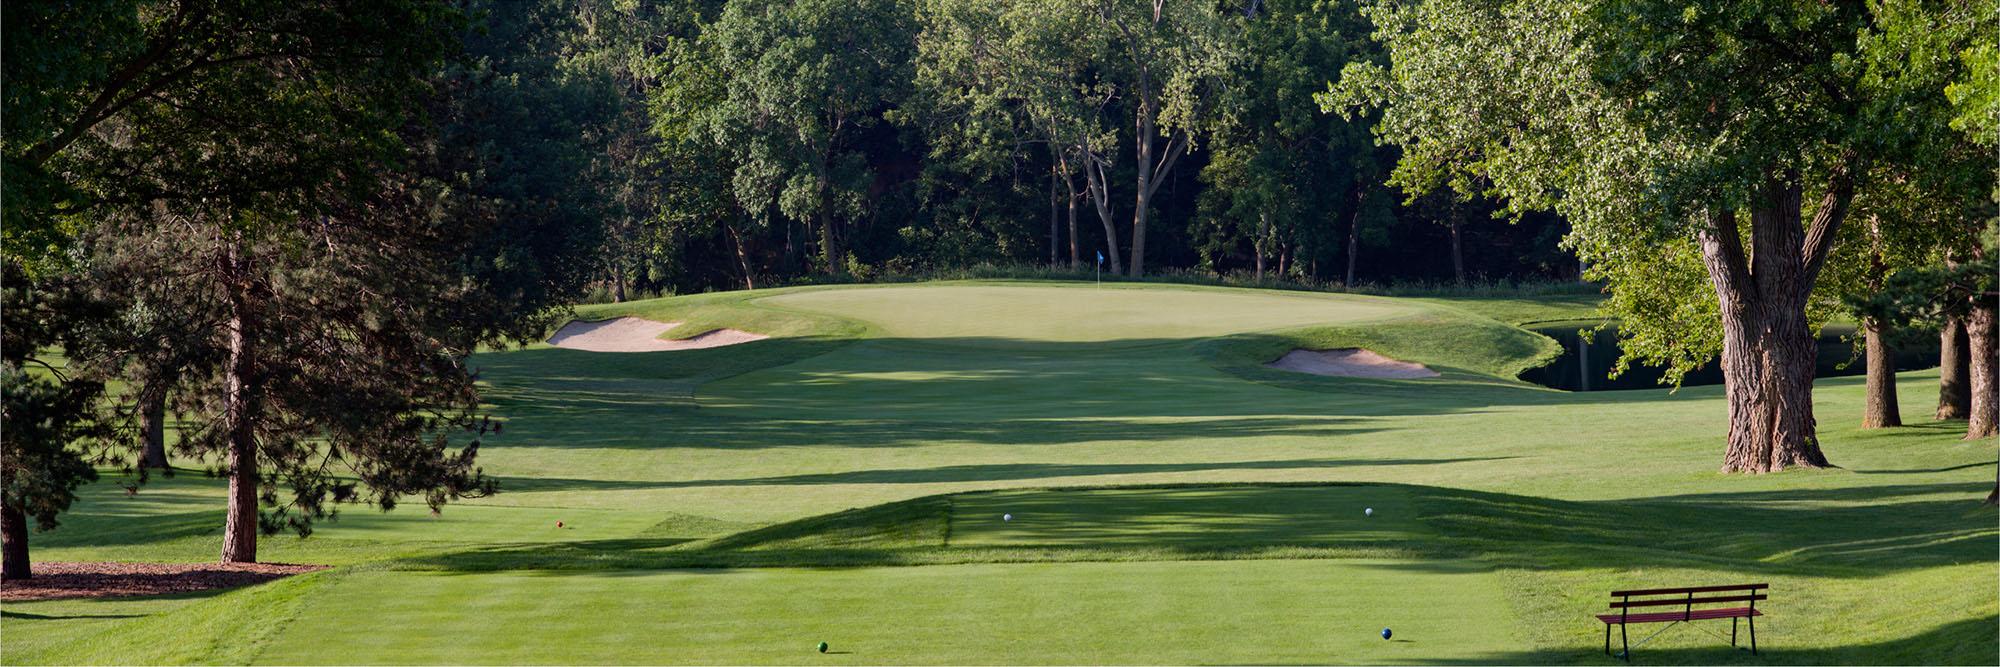 Golf Course Image - Happy Hollow No. 8